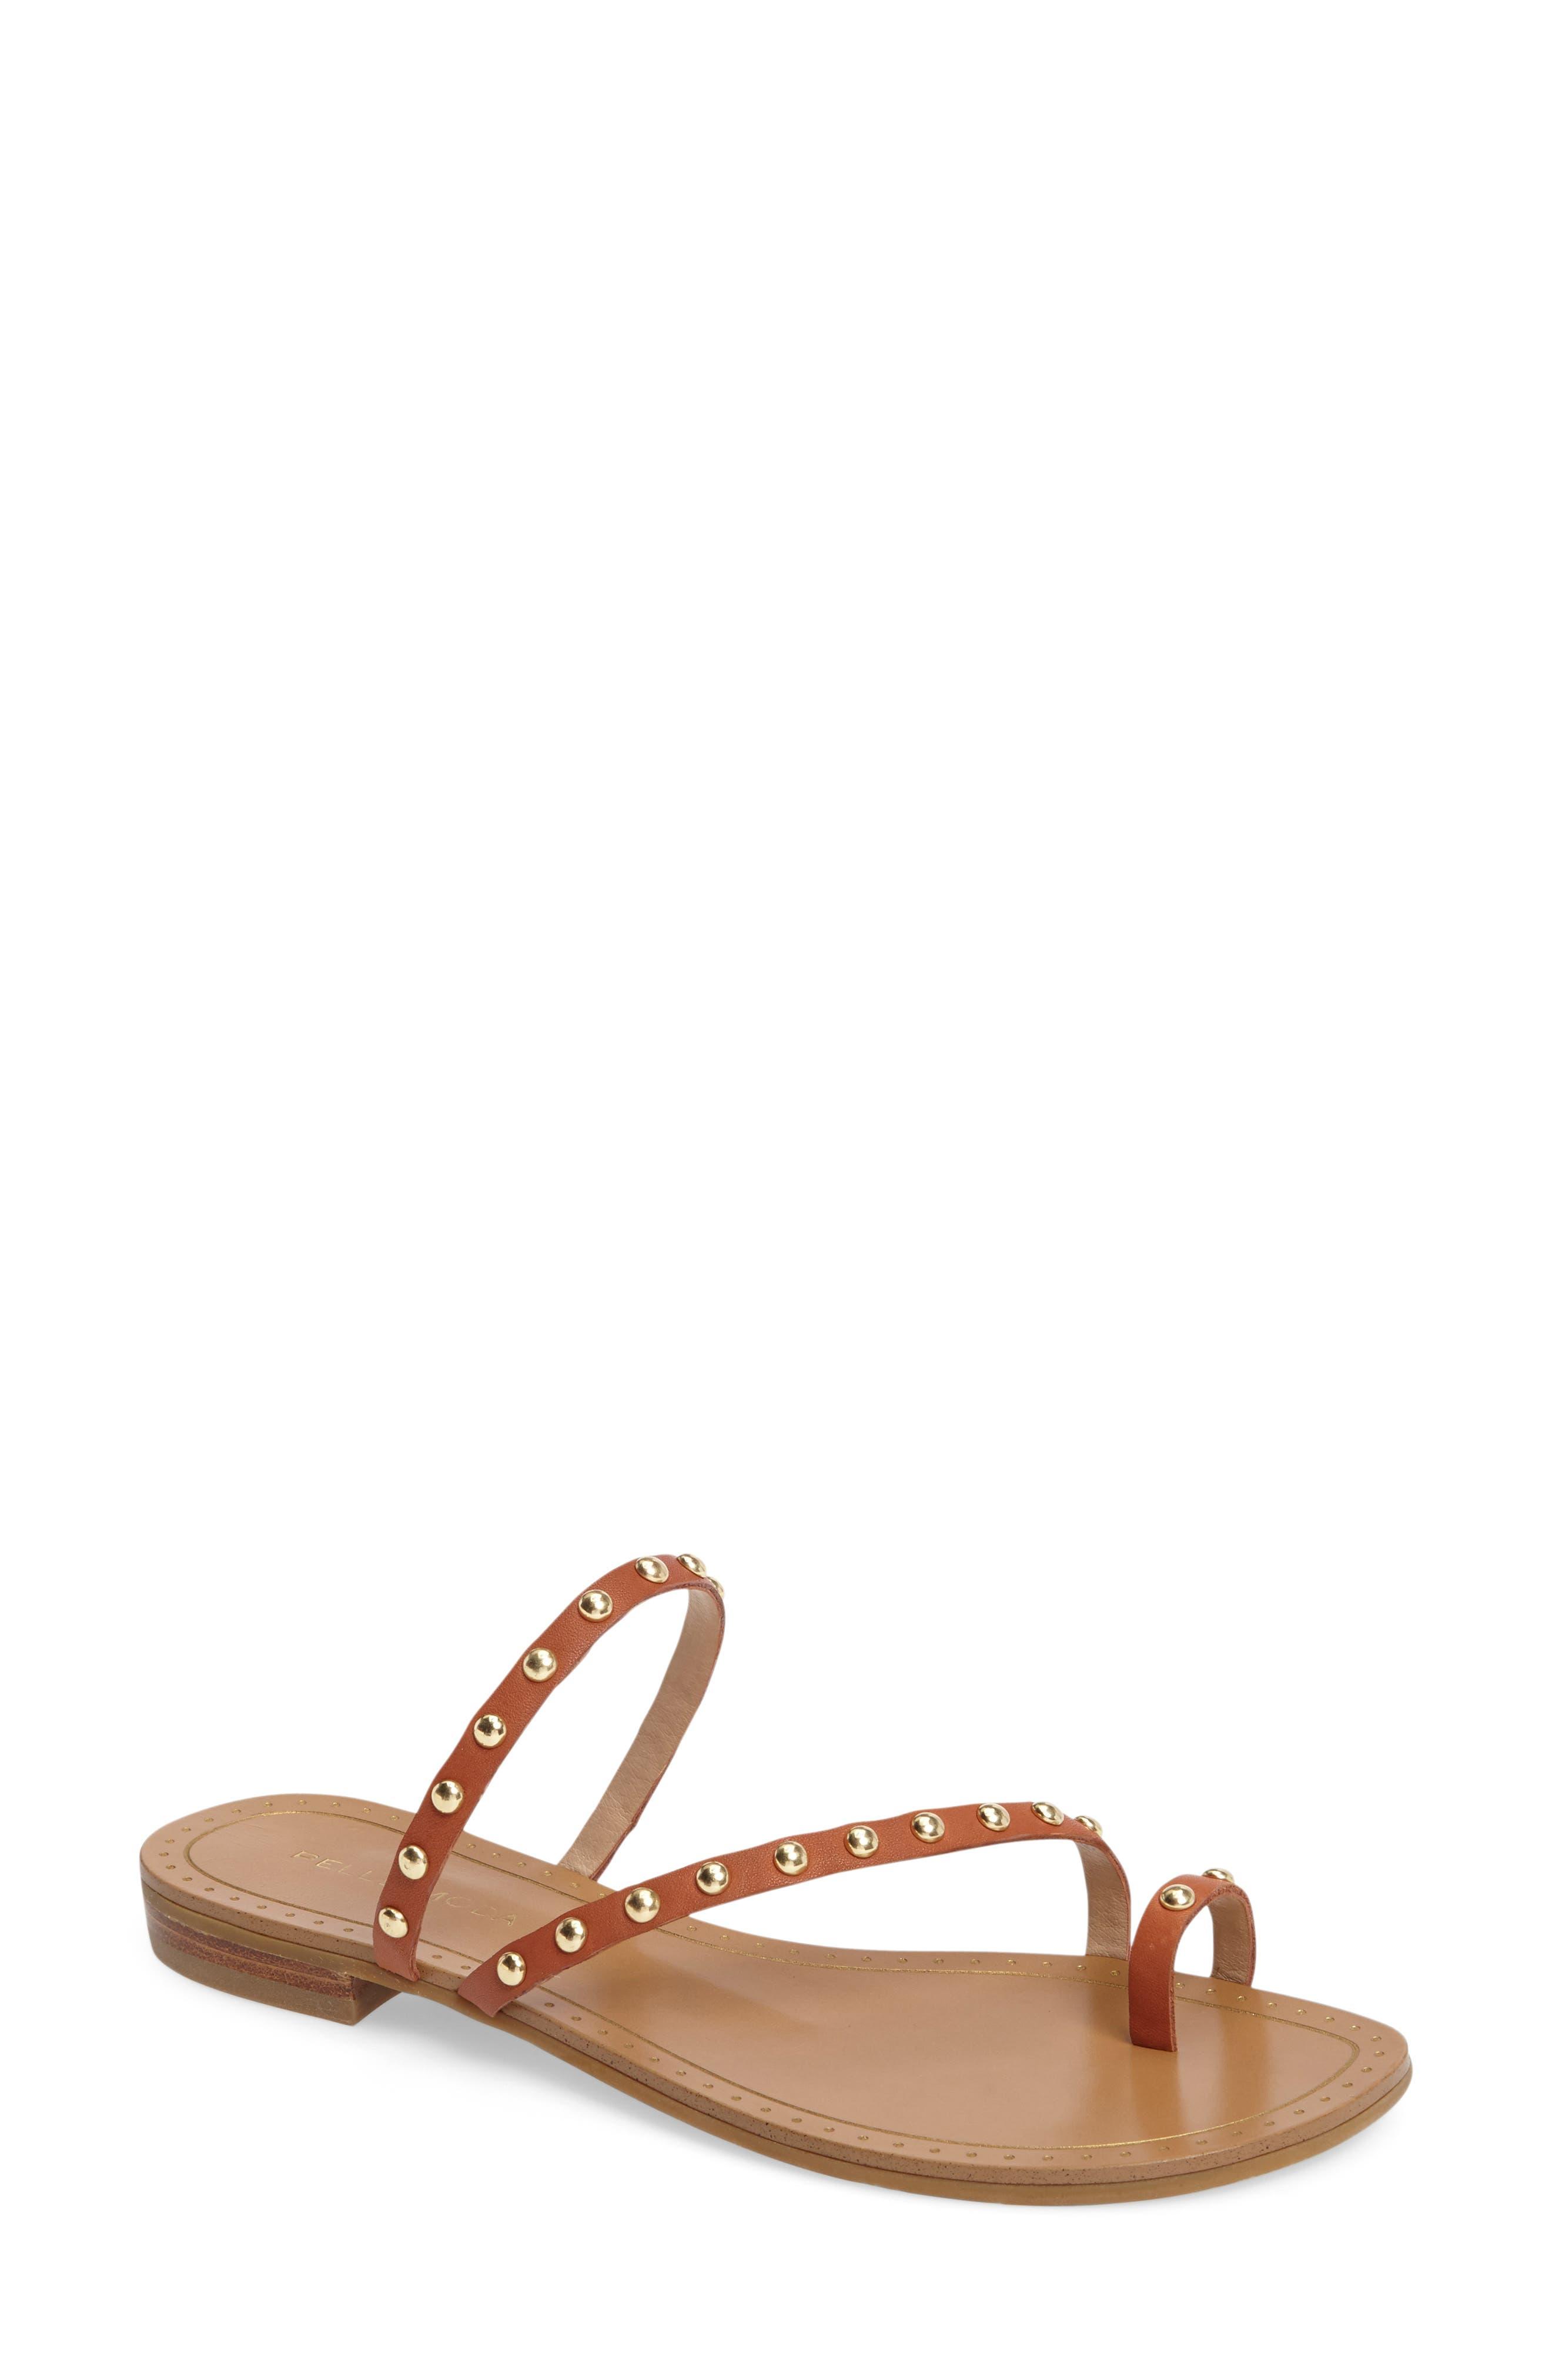 Pelle Moda Bohem 2 Studded Sandal (Women)